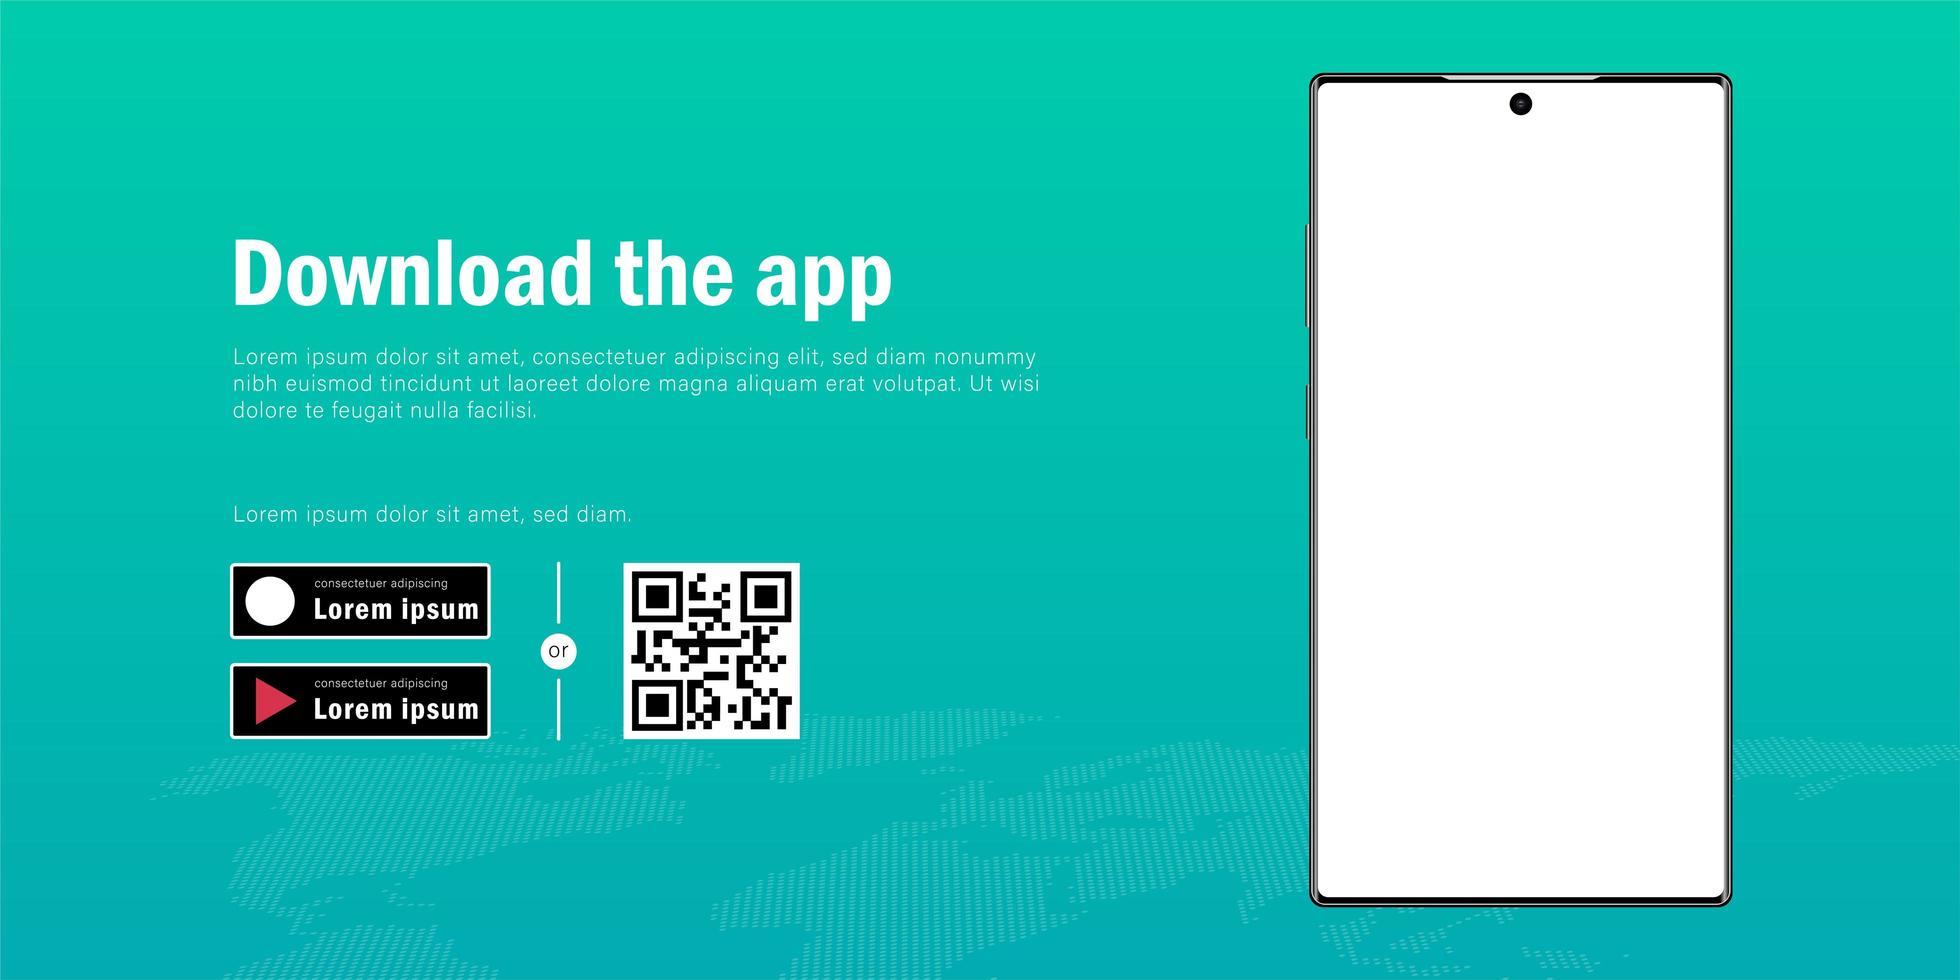 webbanner van mockup voor mobiele smartphones met advertentie voor het downloaden van de app, qr-code en buttonsjabloon vector